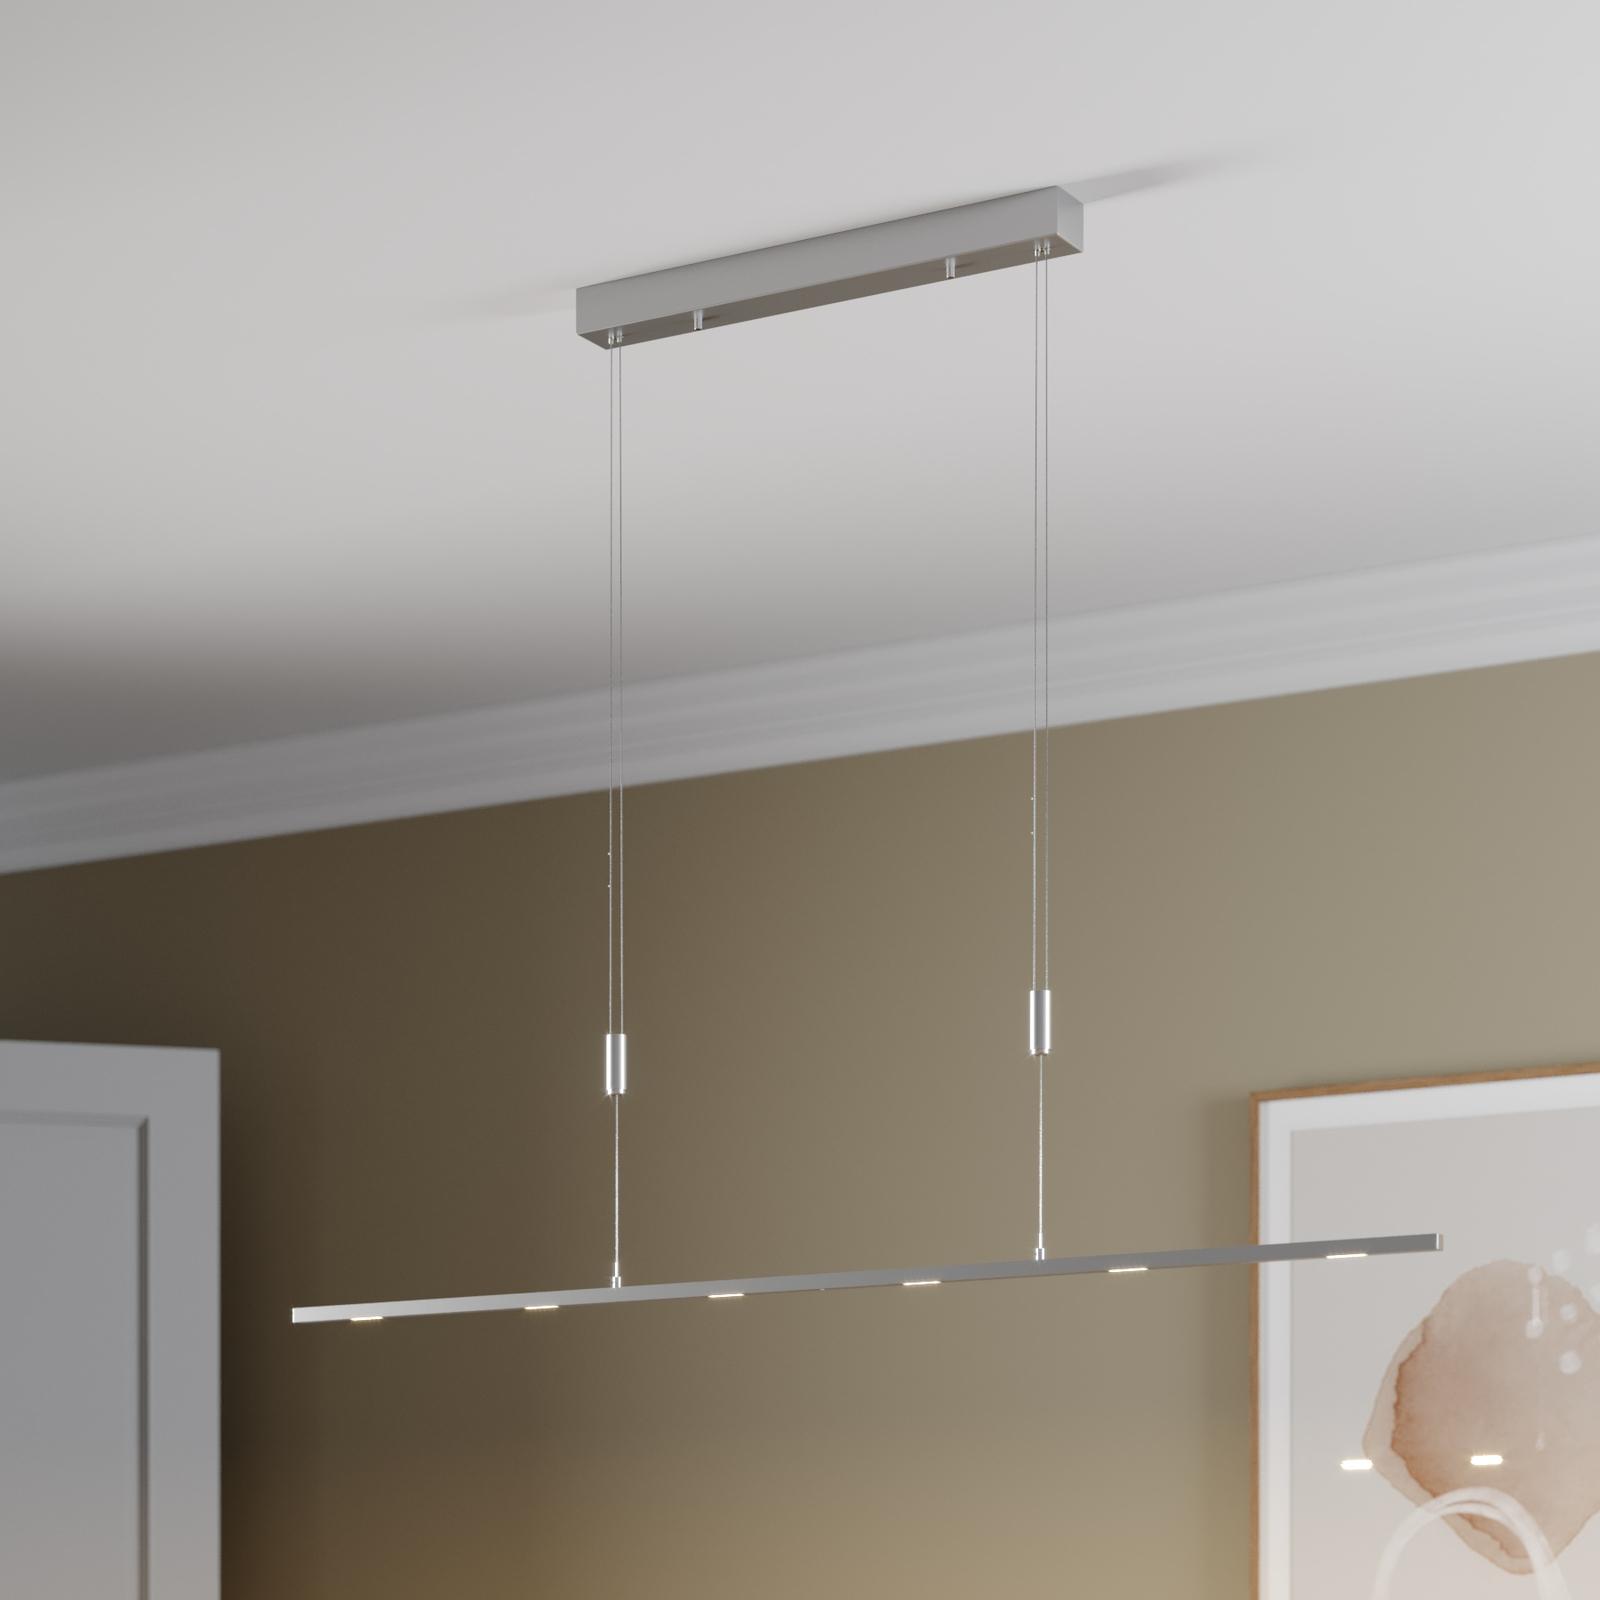 LED-pendellampe Arnik, dimbar, 140 cm